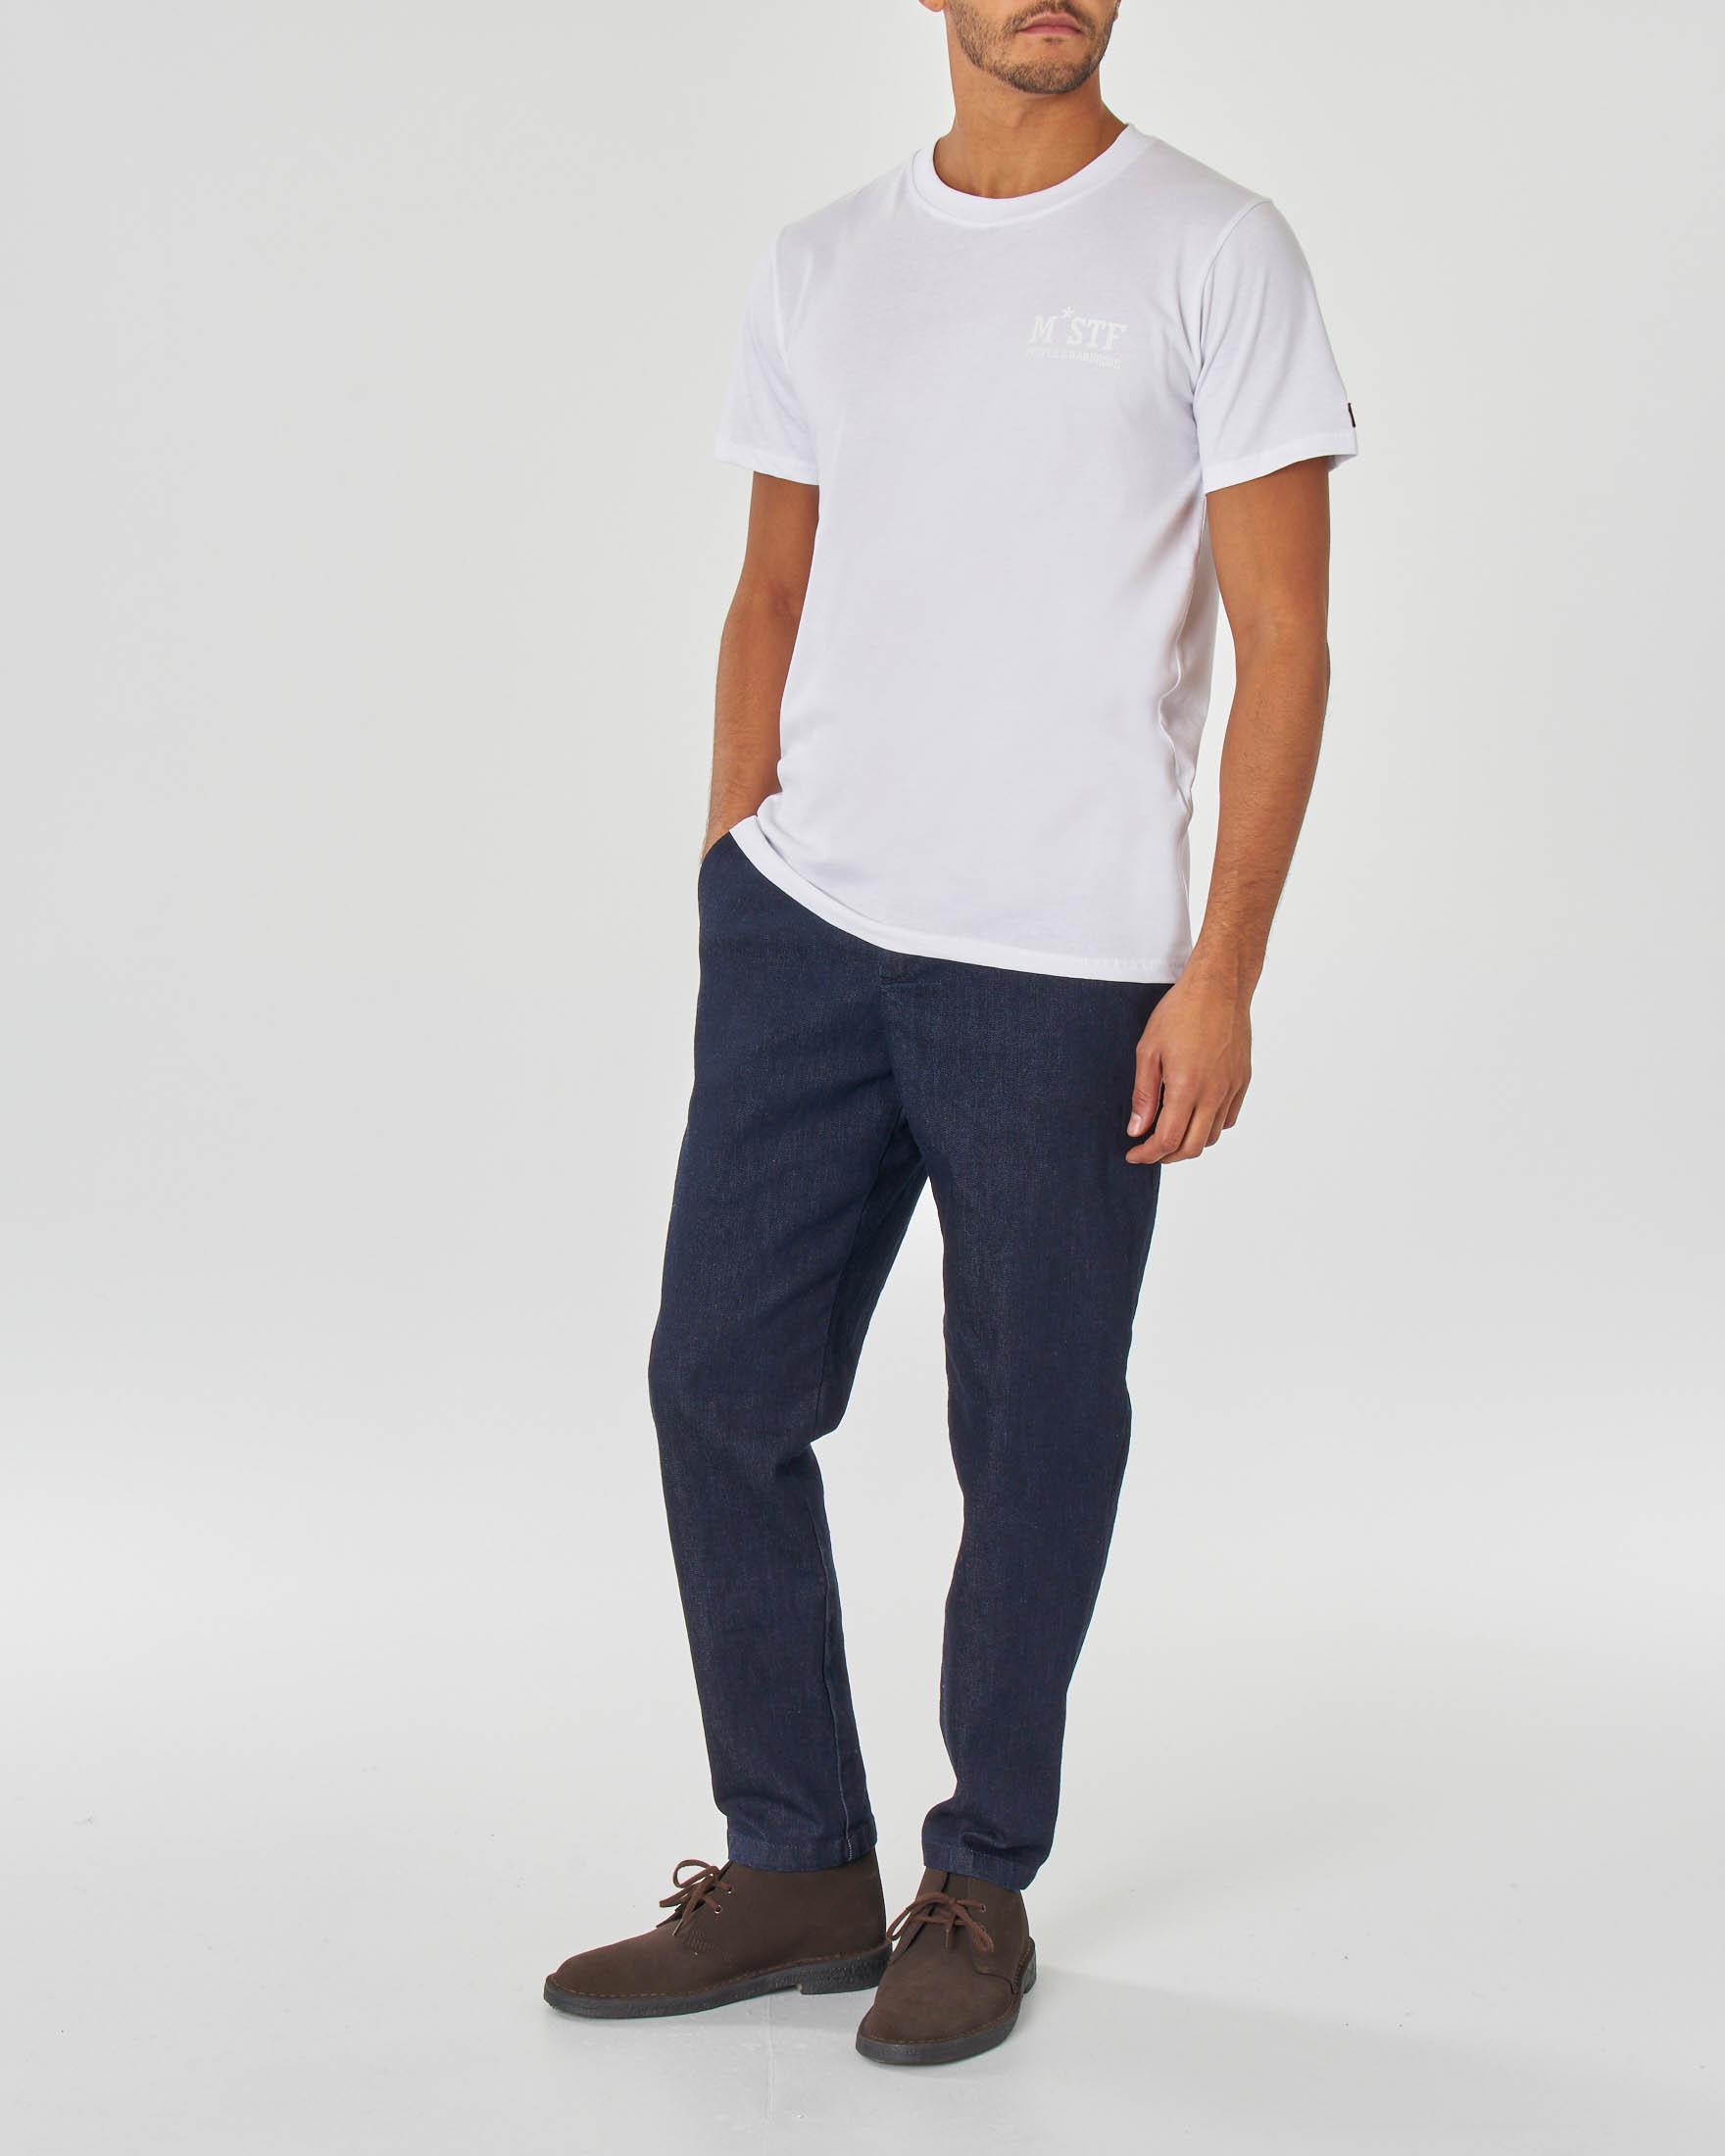 T-shirt bianca mezza manica con logo piccolo stampato sul petto